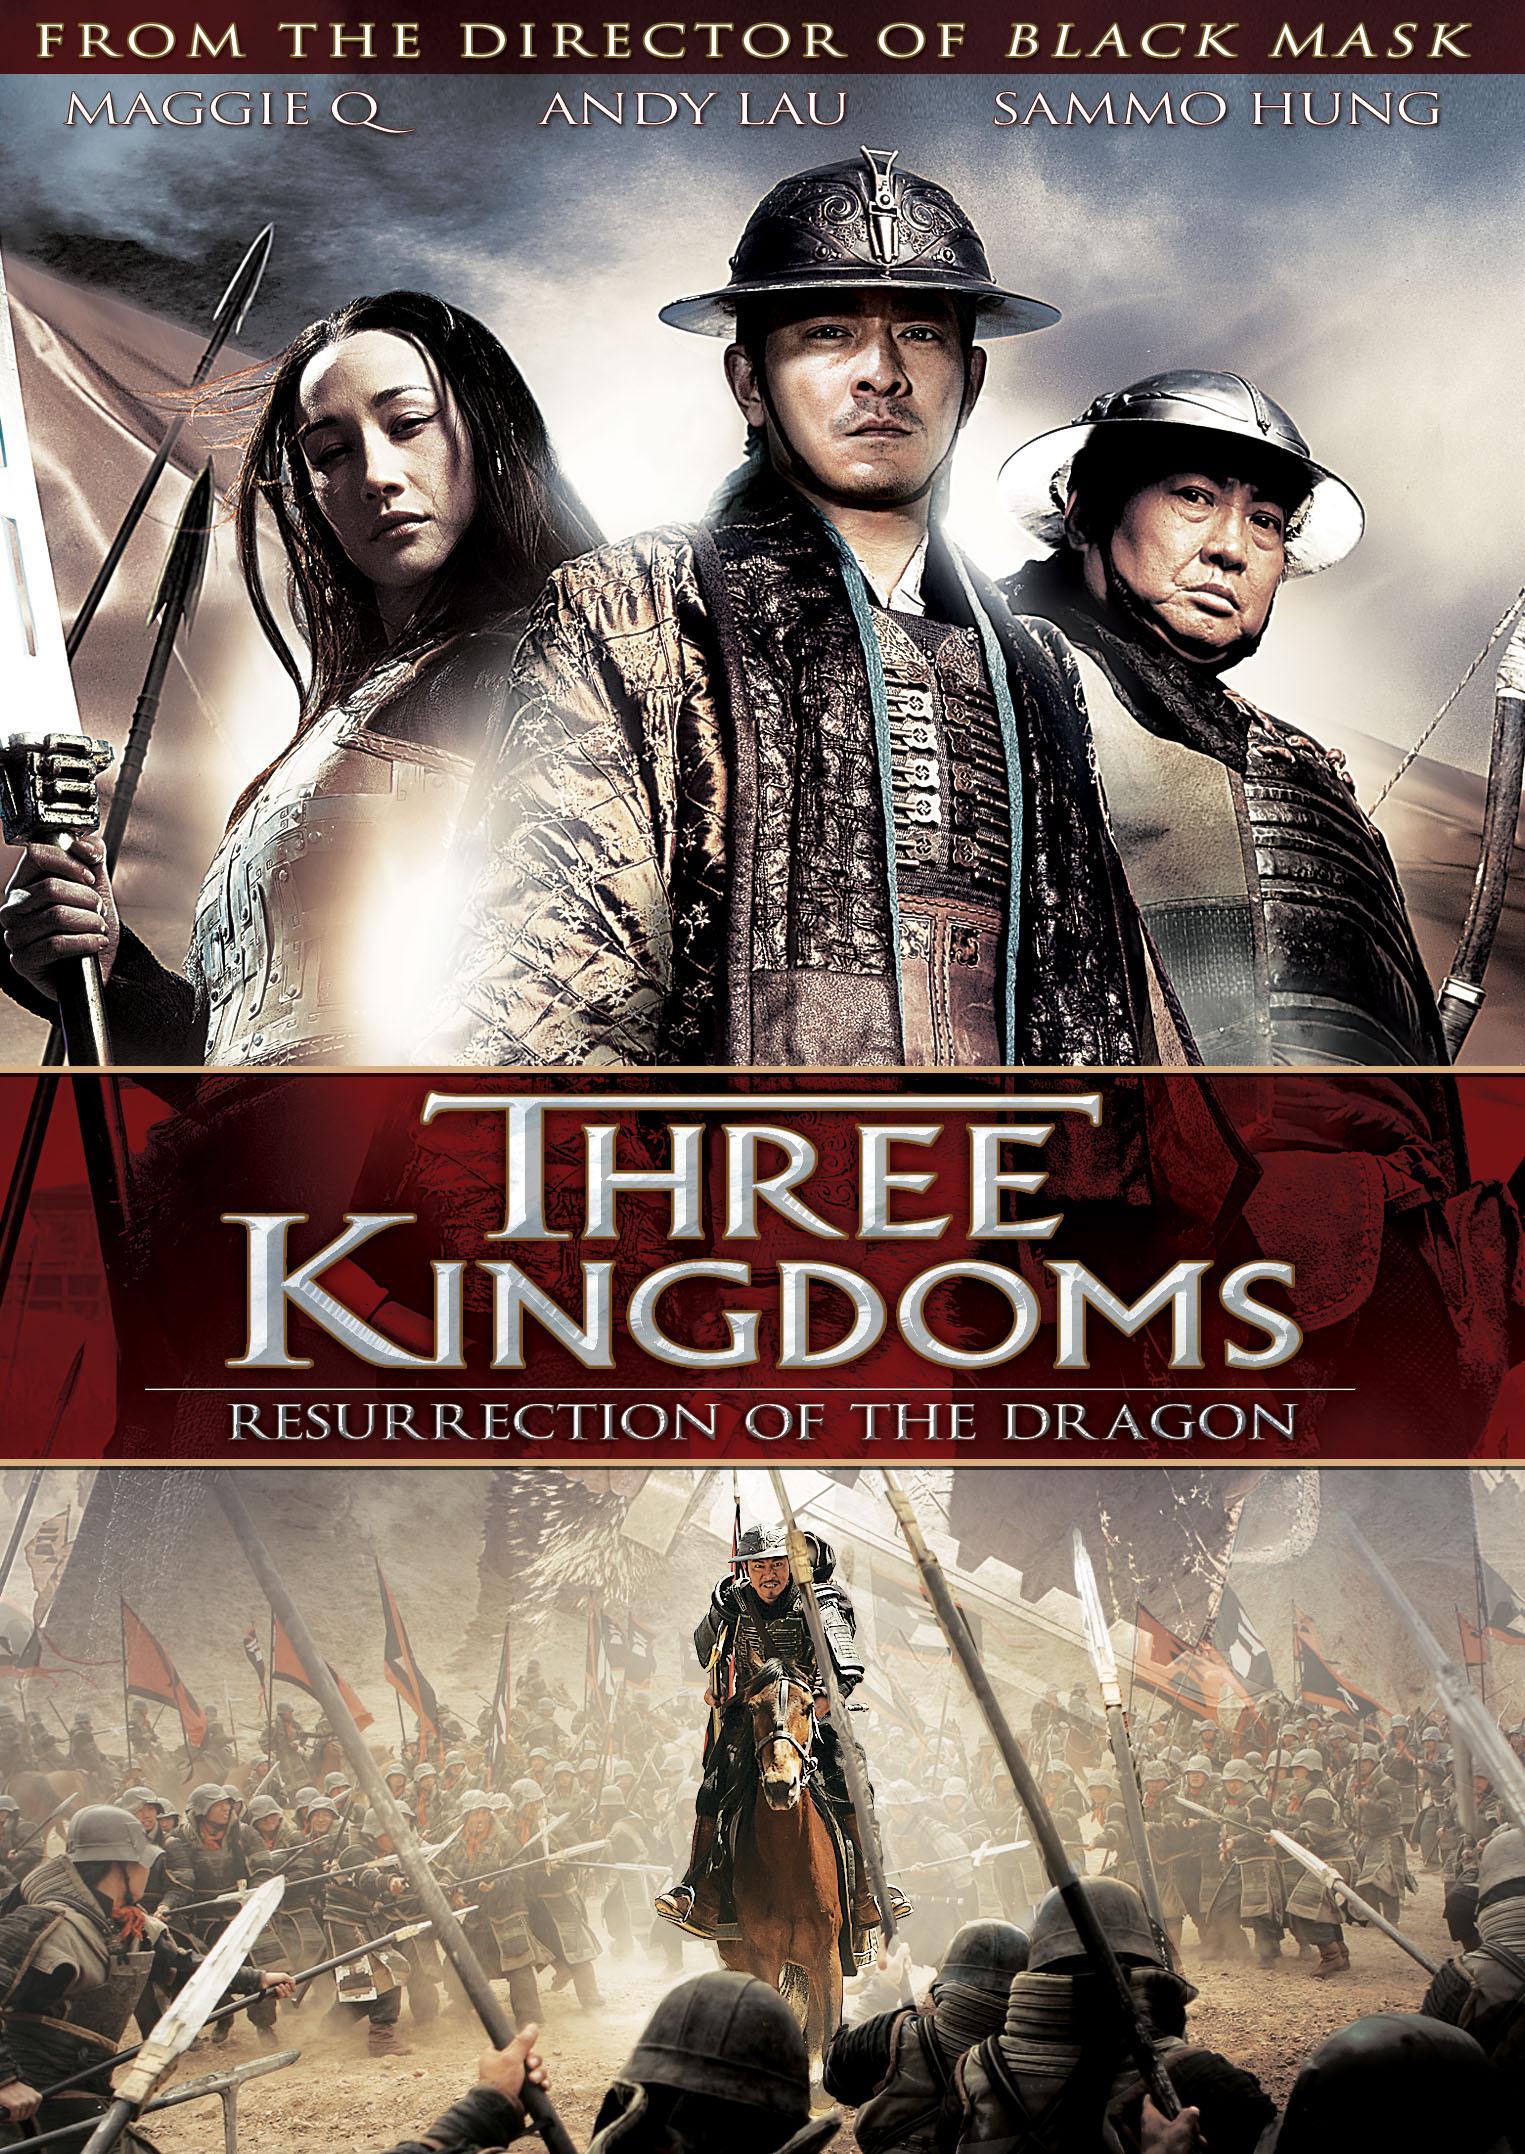 دانلود فیلم Three Kingdoms: Resurrection of the Dragon 2008 با دوبله فارسی